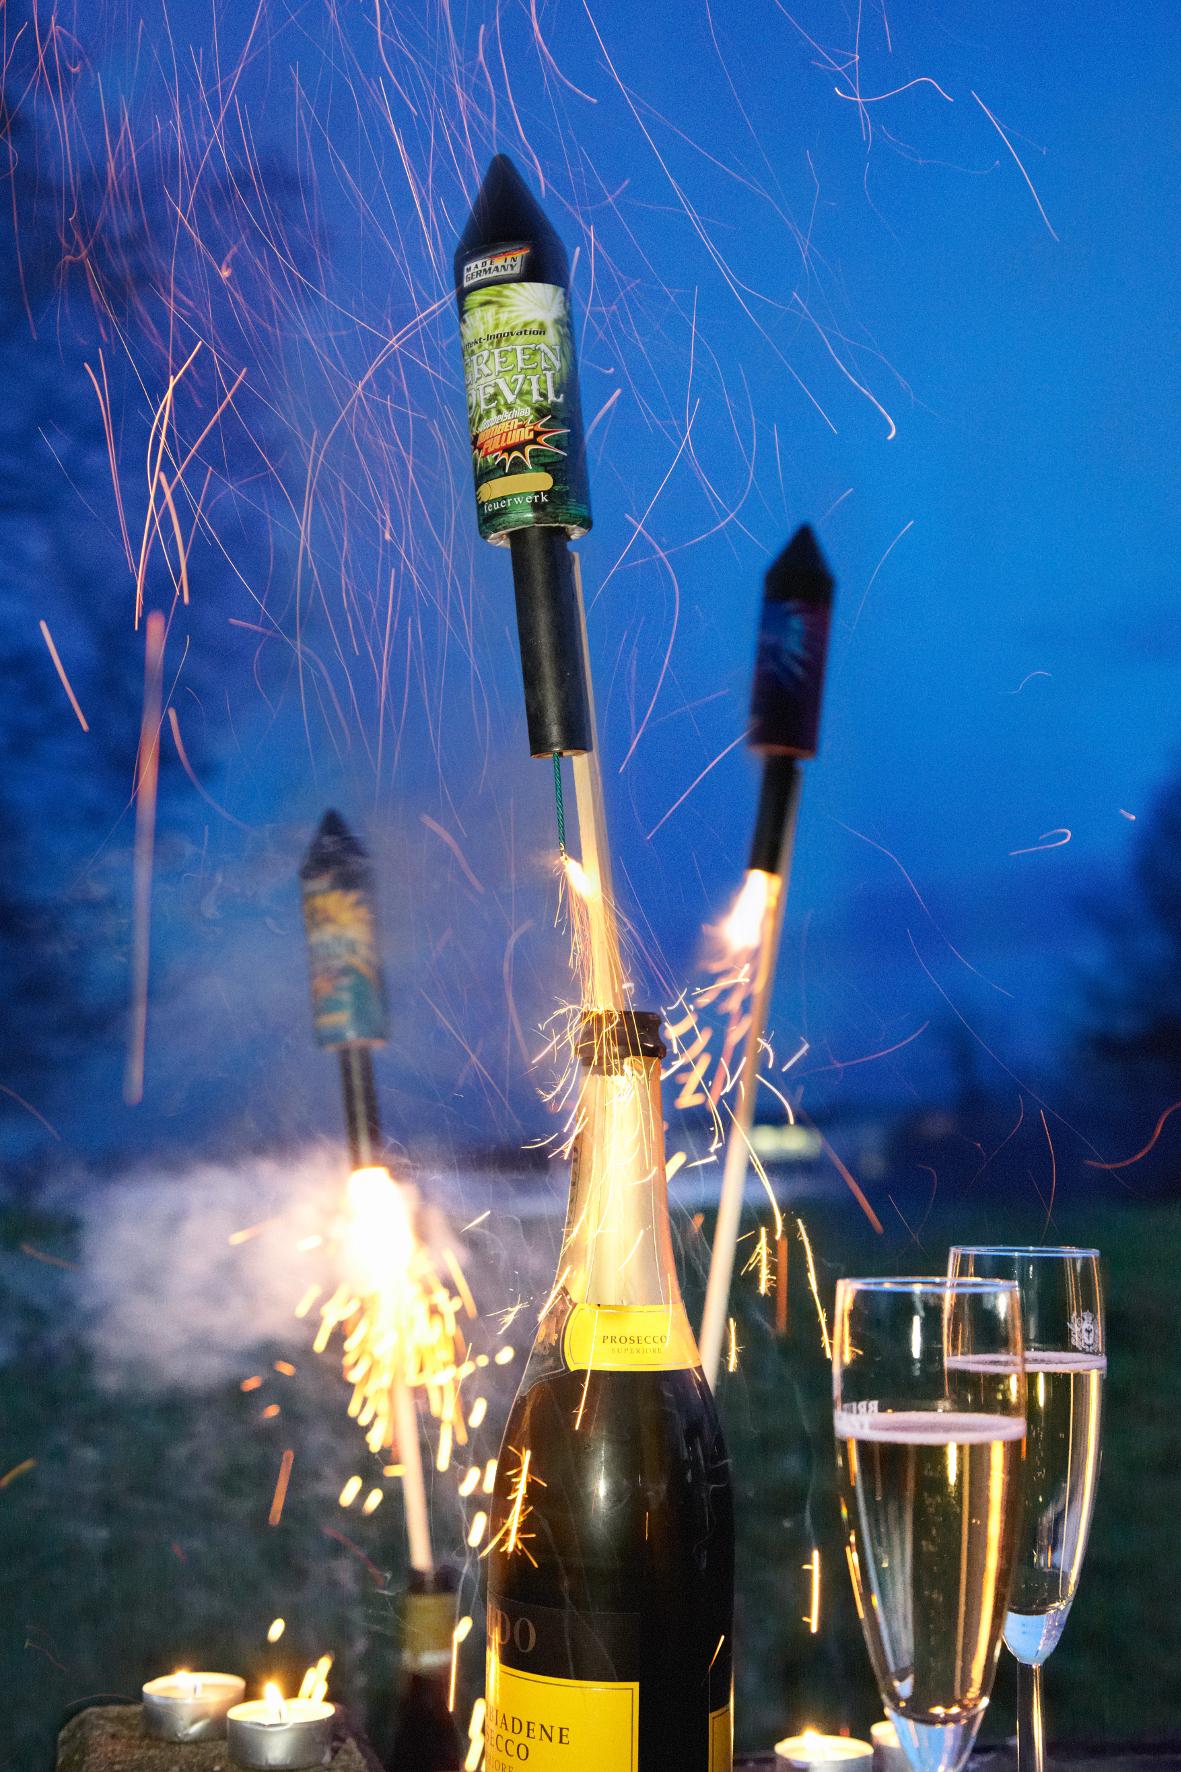 mid Groß-Gerau - An Silvester verschossene Böller und Raketen können Brand- und Schmauchspuren auf dem Lack von Autos und Dellen im Blech hinterlassen oder gar Scheiben zum Bersten bringen.